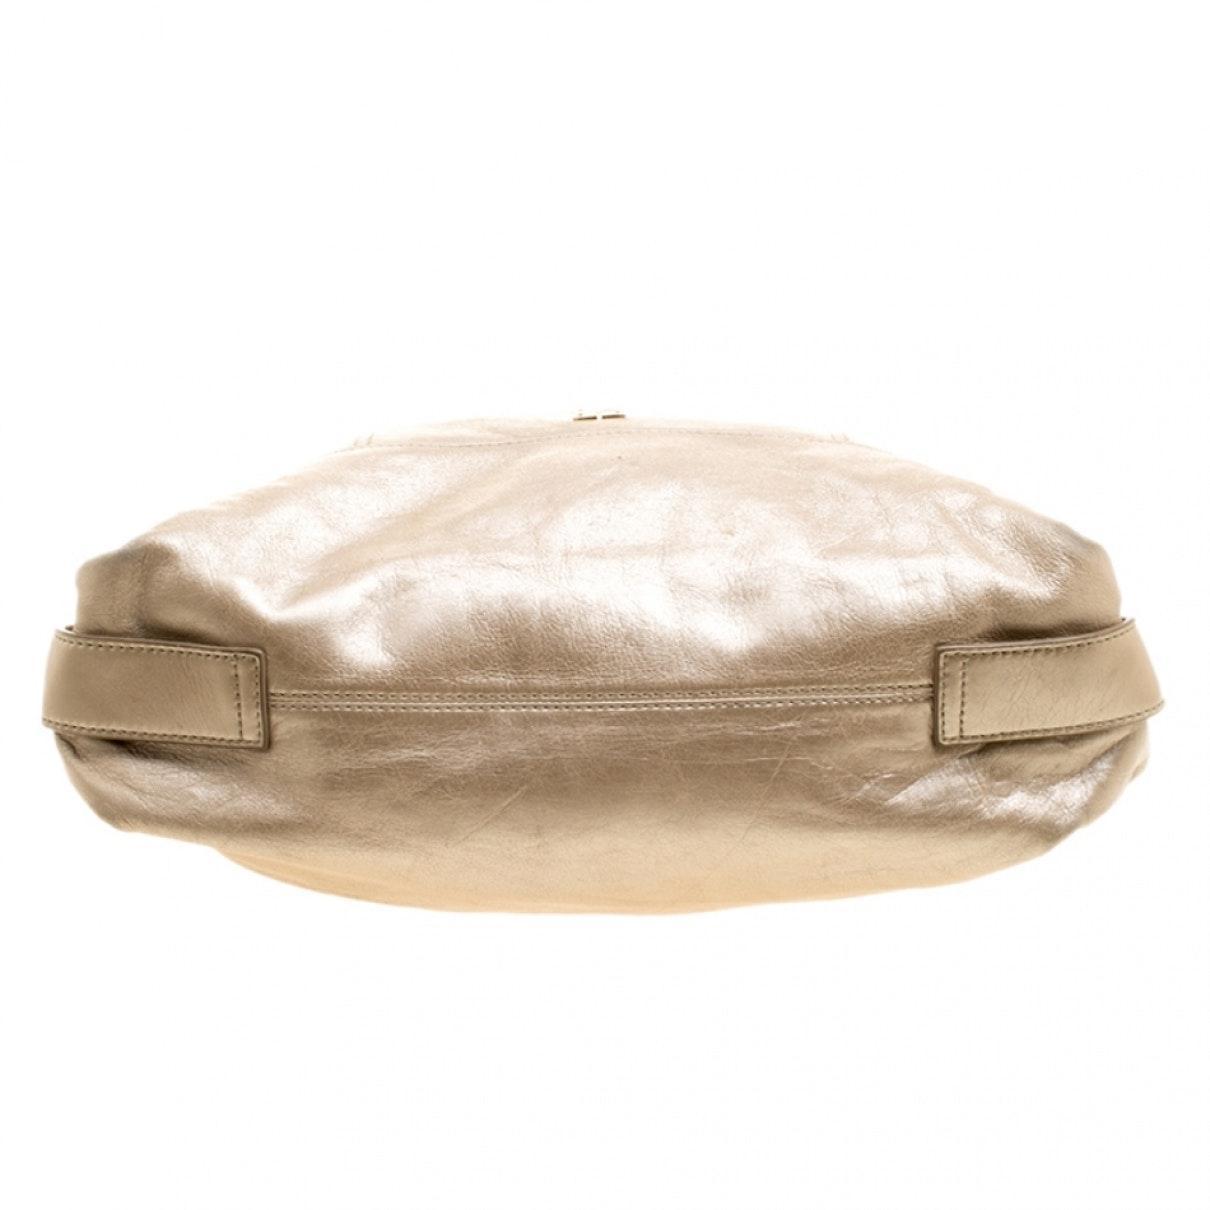 Sacs à main Givenchy en coloris Neutre 3eGM